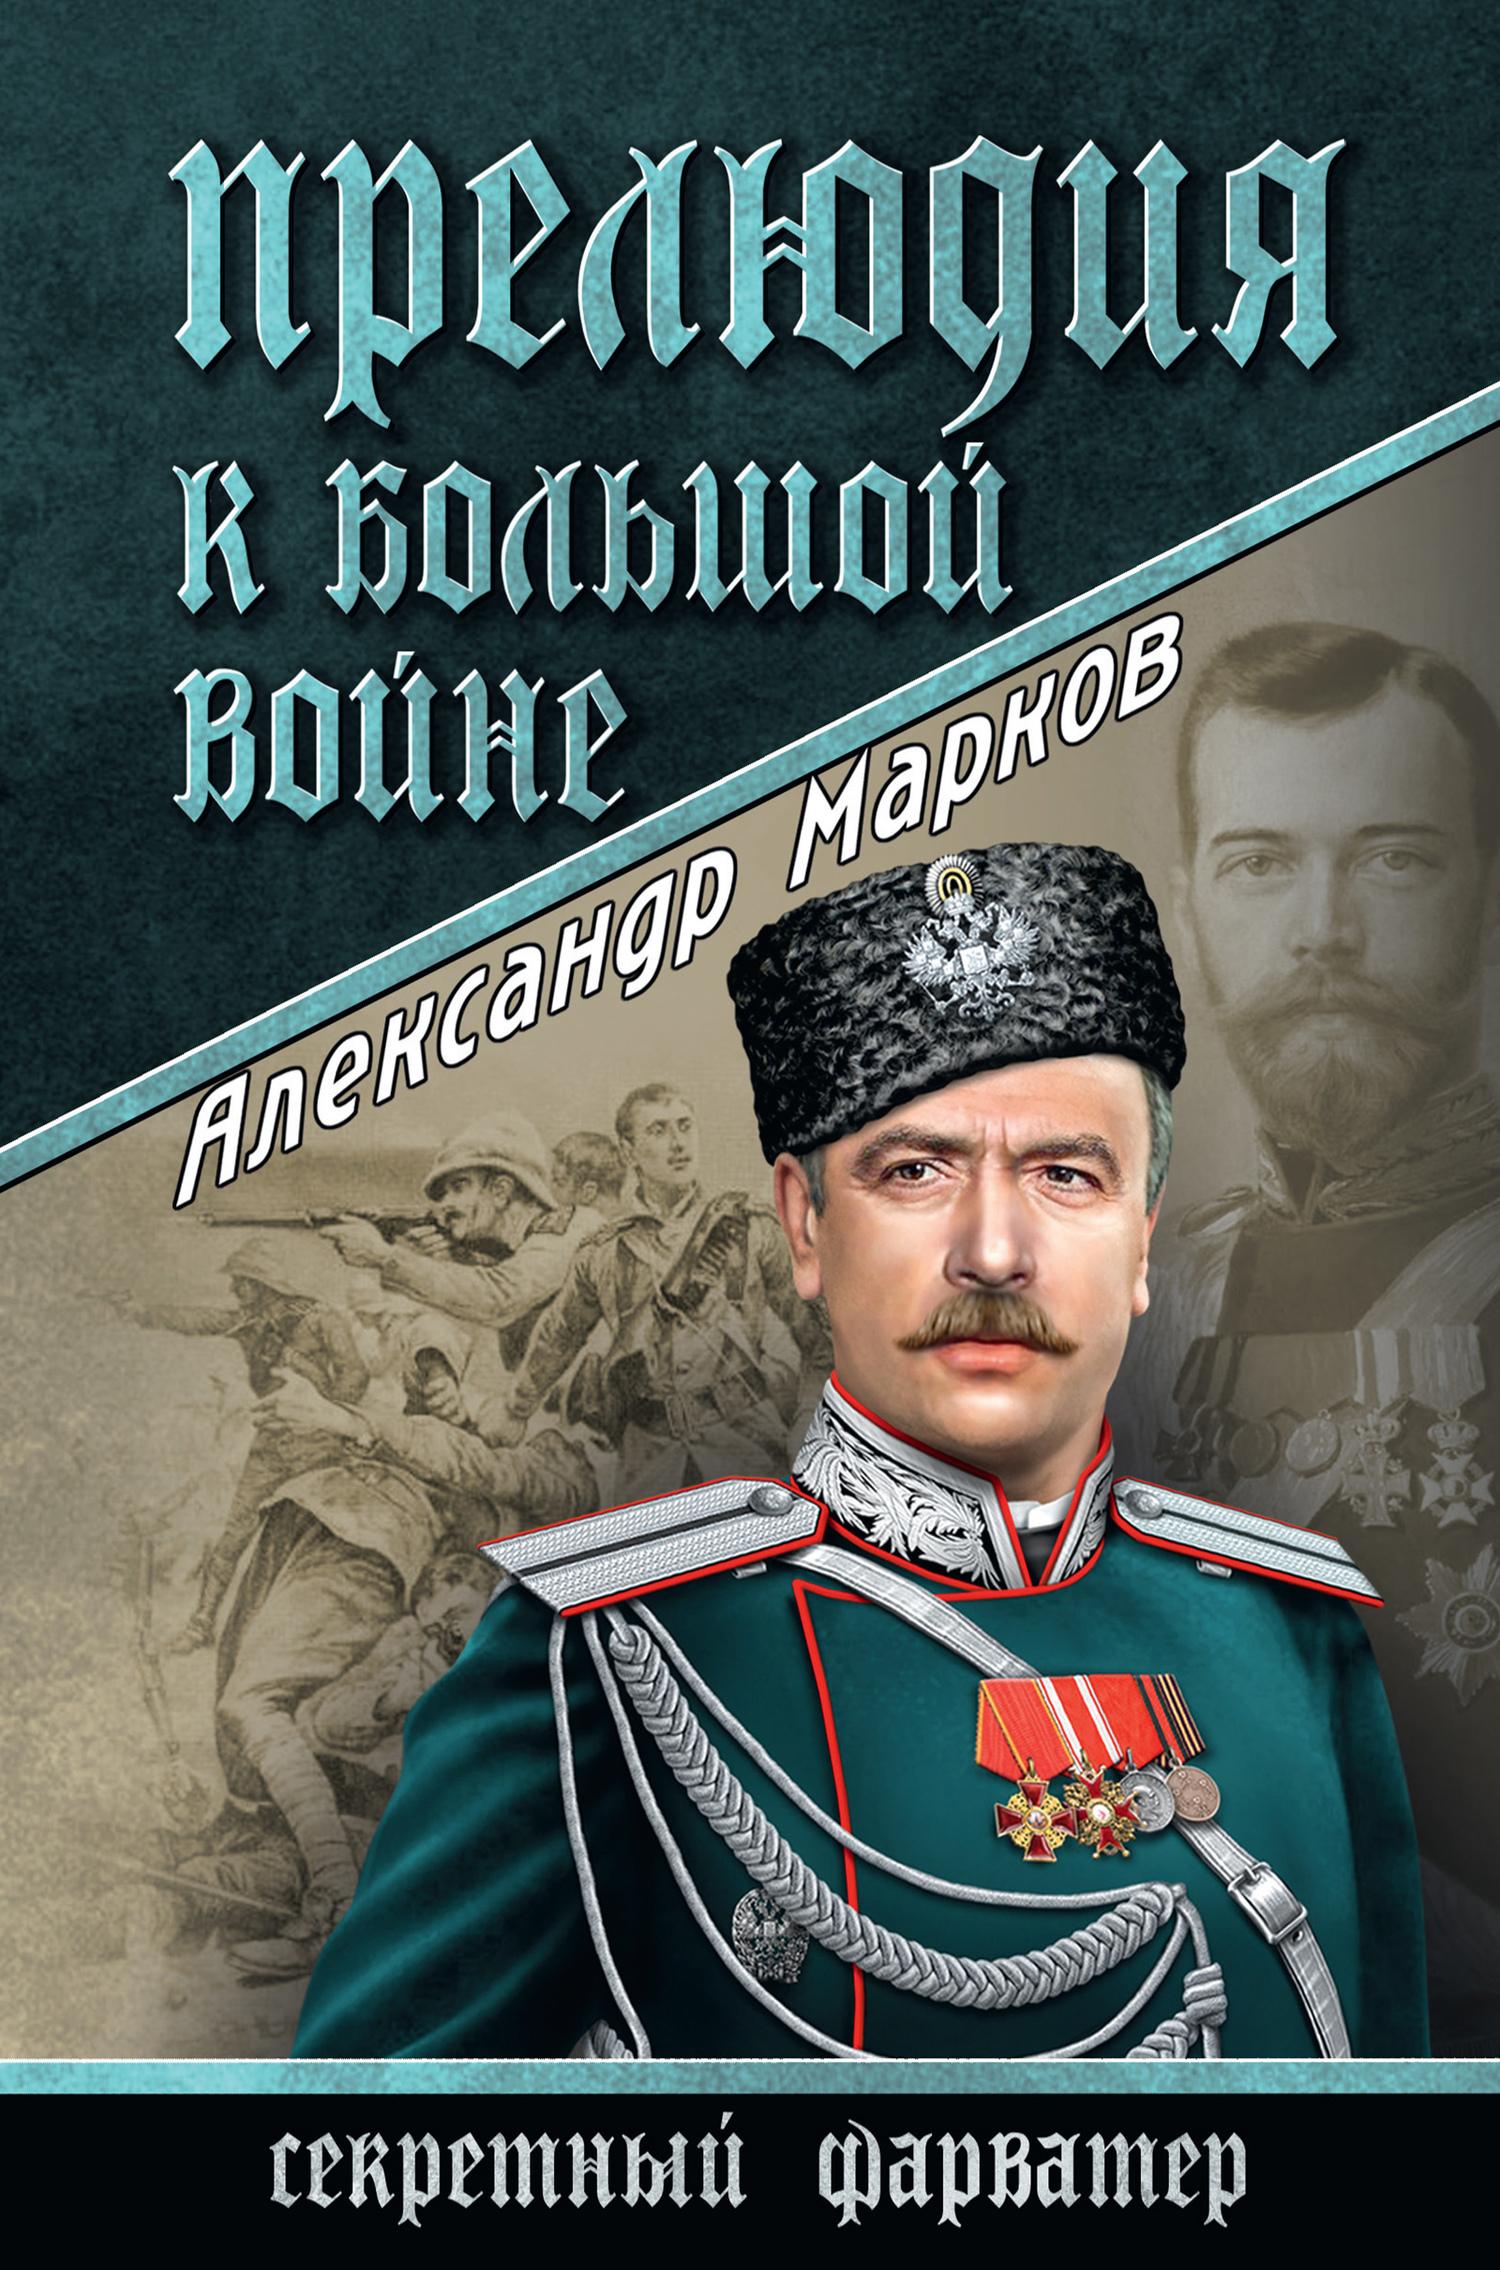 Обложка книги Прелюдия к большой войне, автор Александр Марков